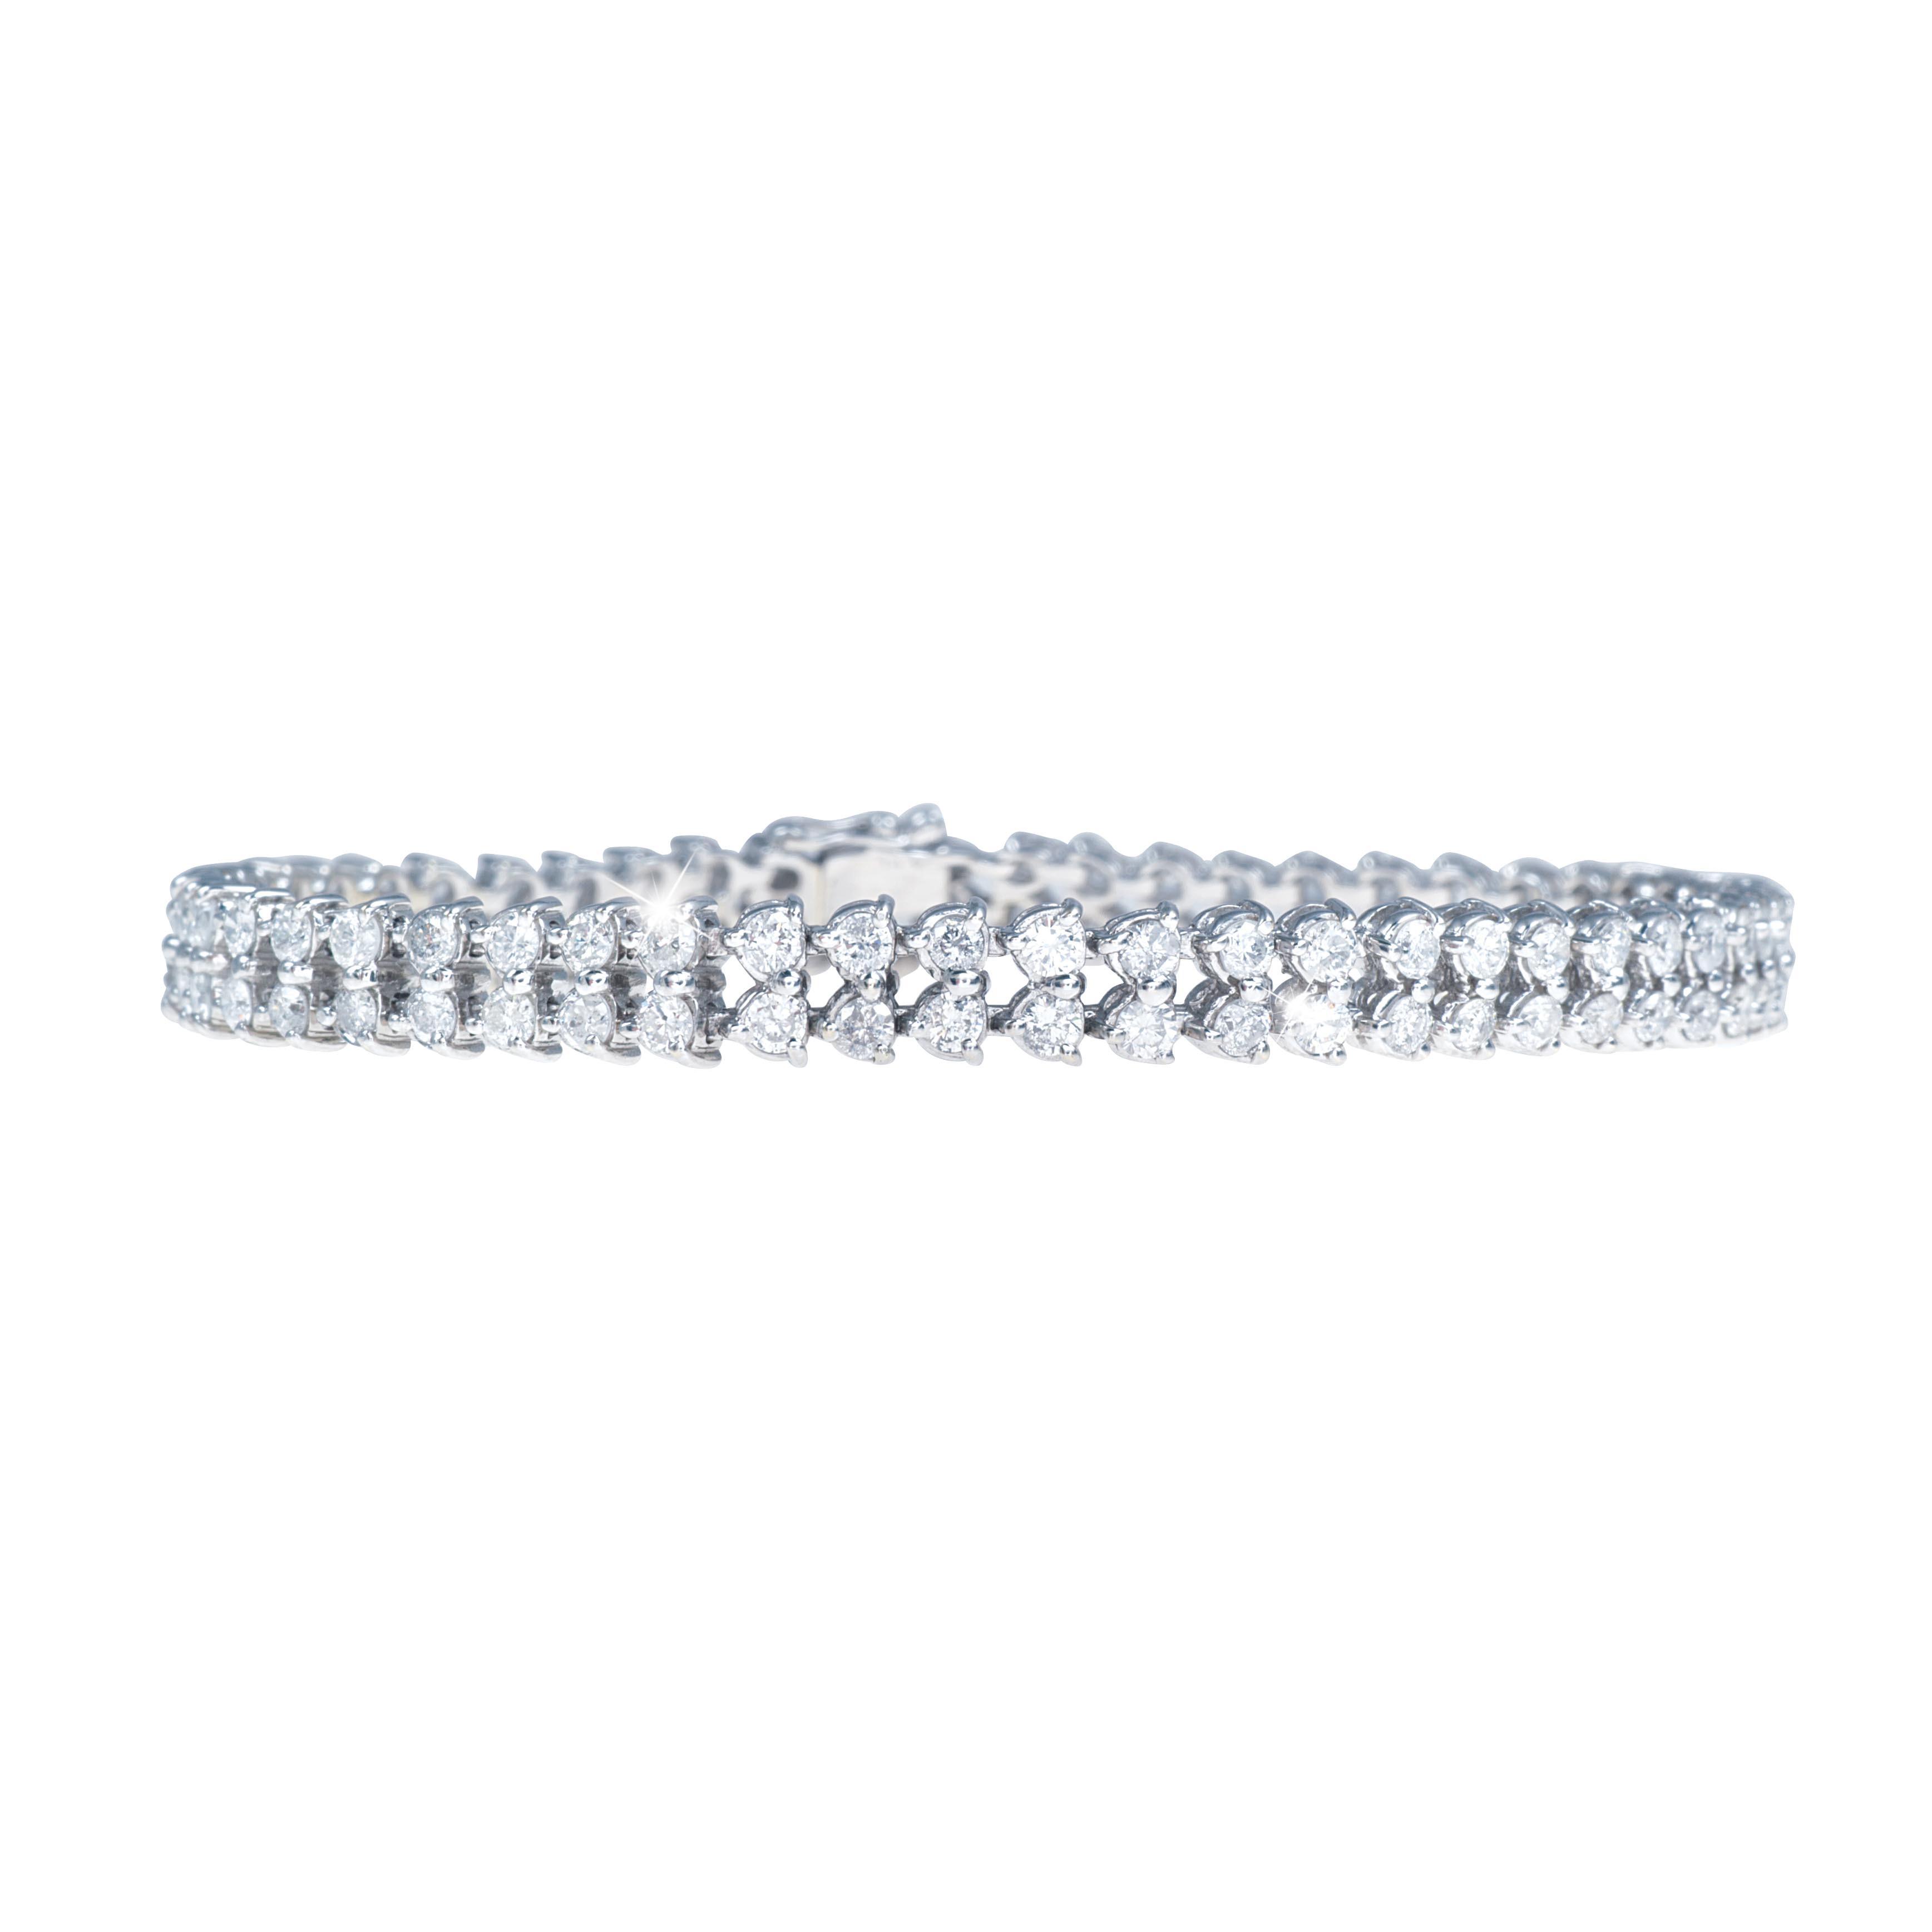 New 4.67 CTW Diamond Double Row Tennis Bracelet